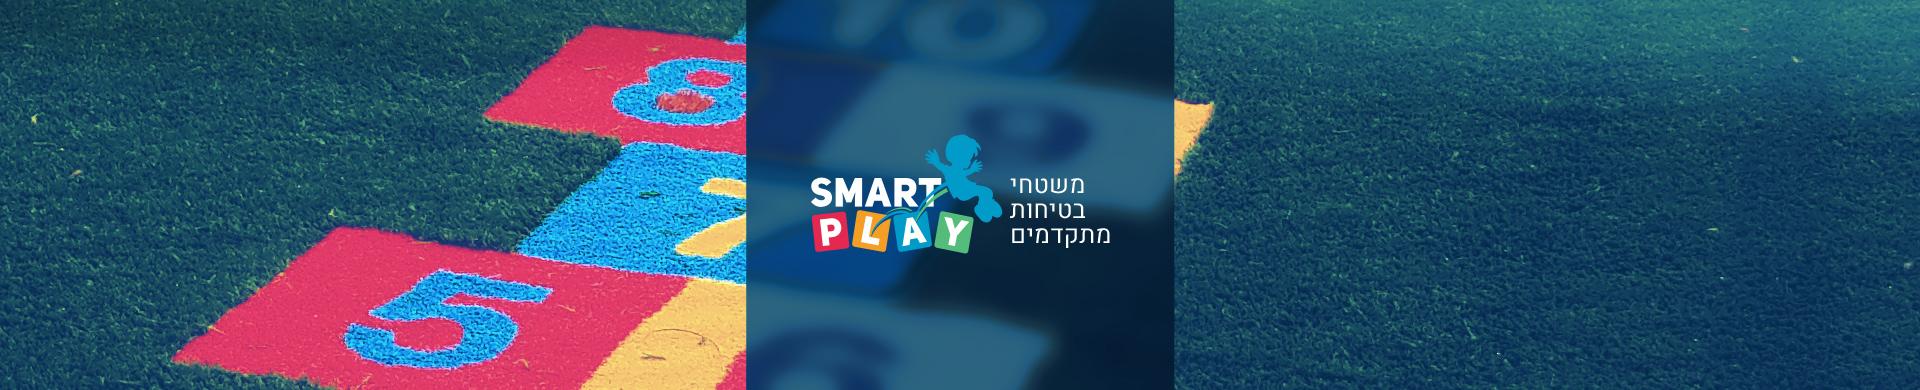 smartplay משטחי בטיחות מתקדמים